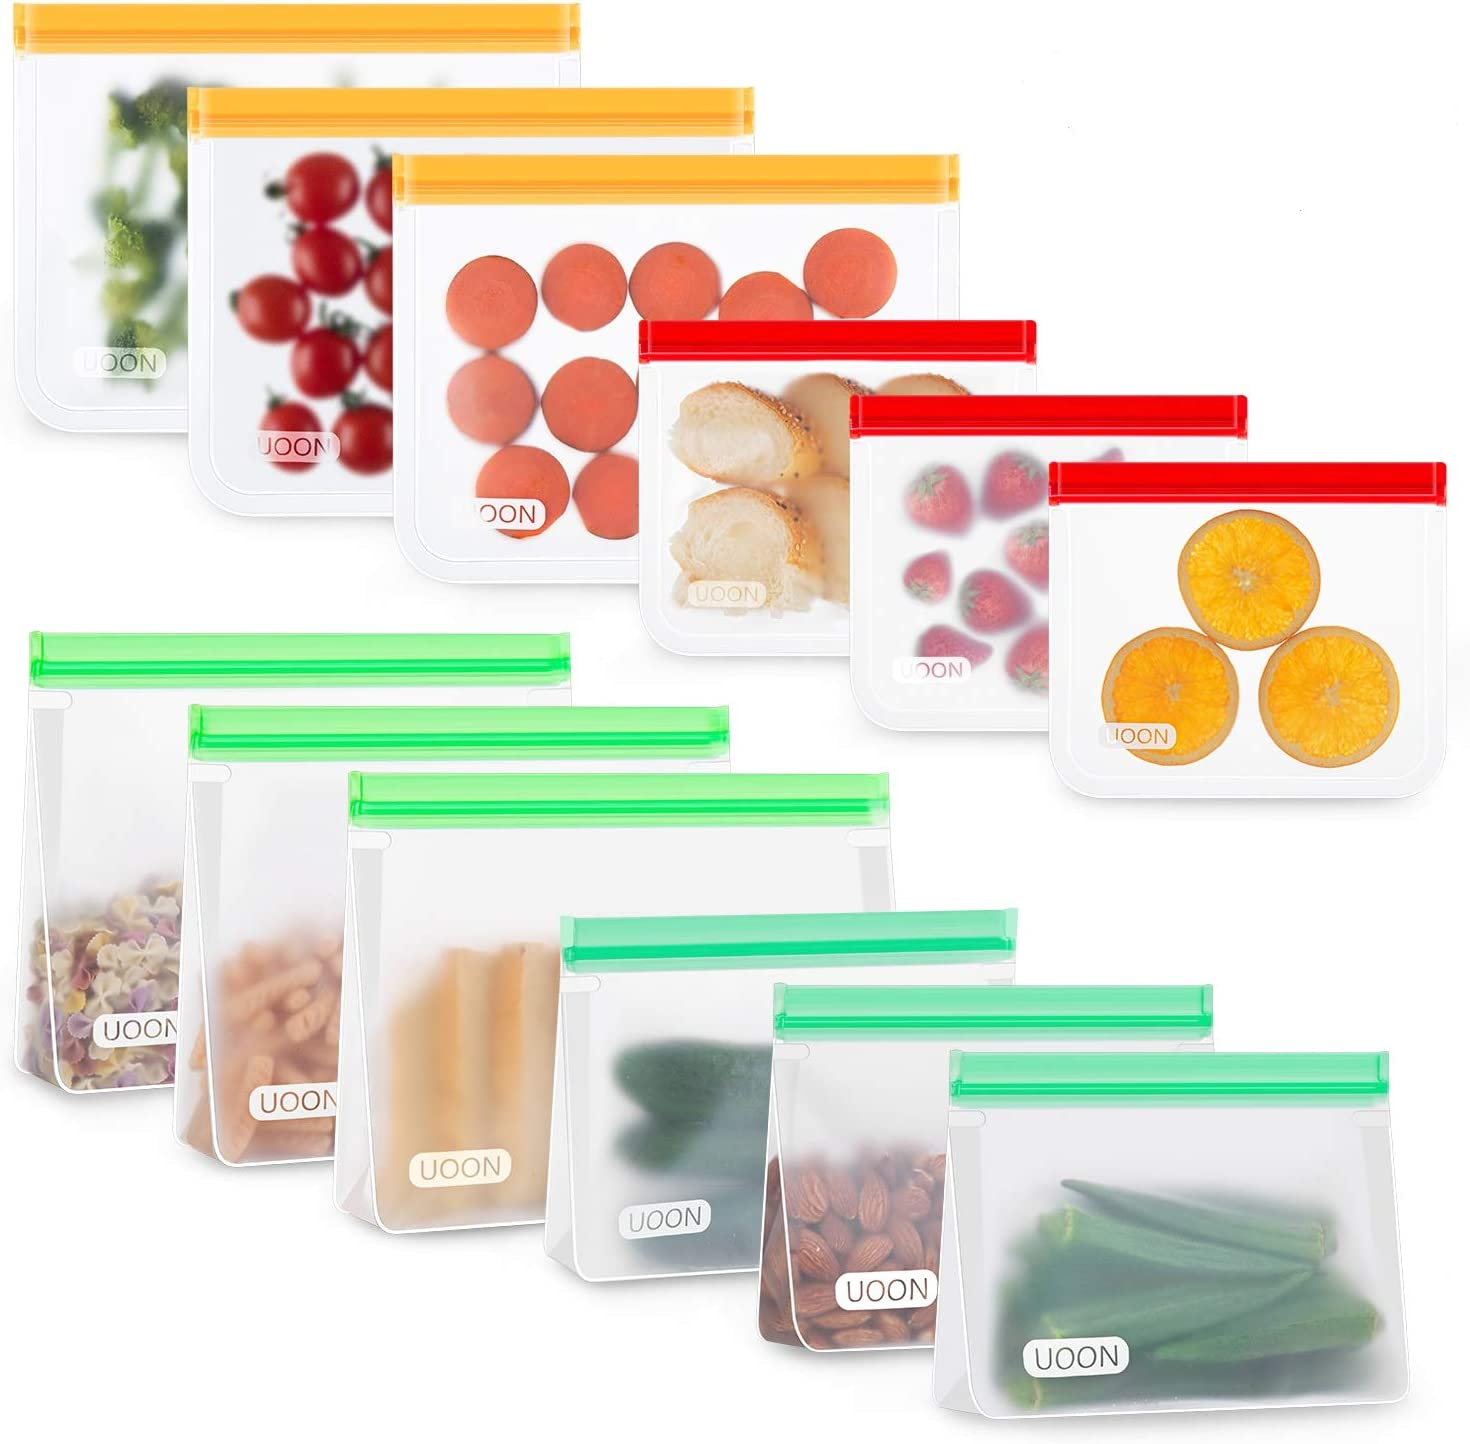 UOON Bolsas Reutilizables para Almacenamiento de Alimentos, 12Pcs Bolsas Congelar de 4 Tamaños para Bocadillos, Sándwich, Verduras, Frutas, A Prueba de Fugas, Sin BPA, Verde/Cian/Naranja/Rojo